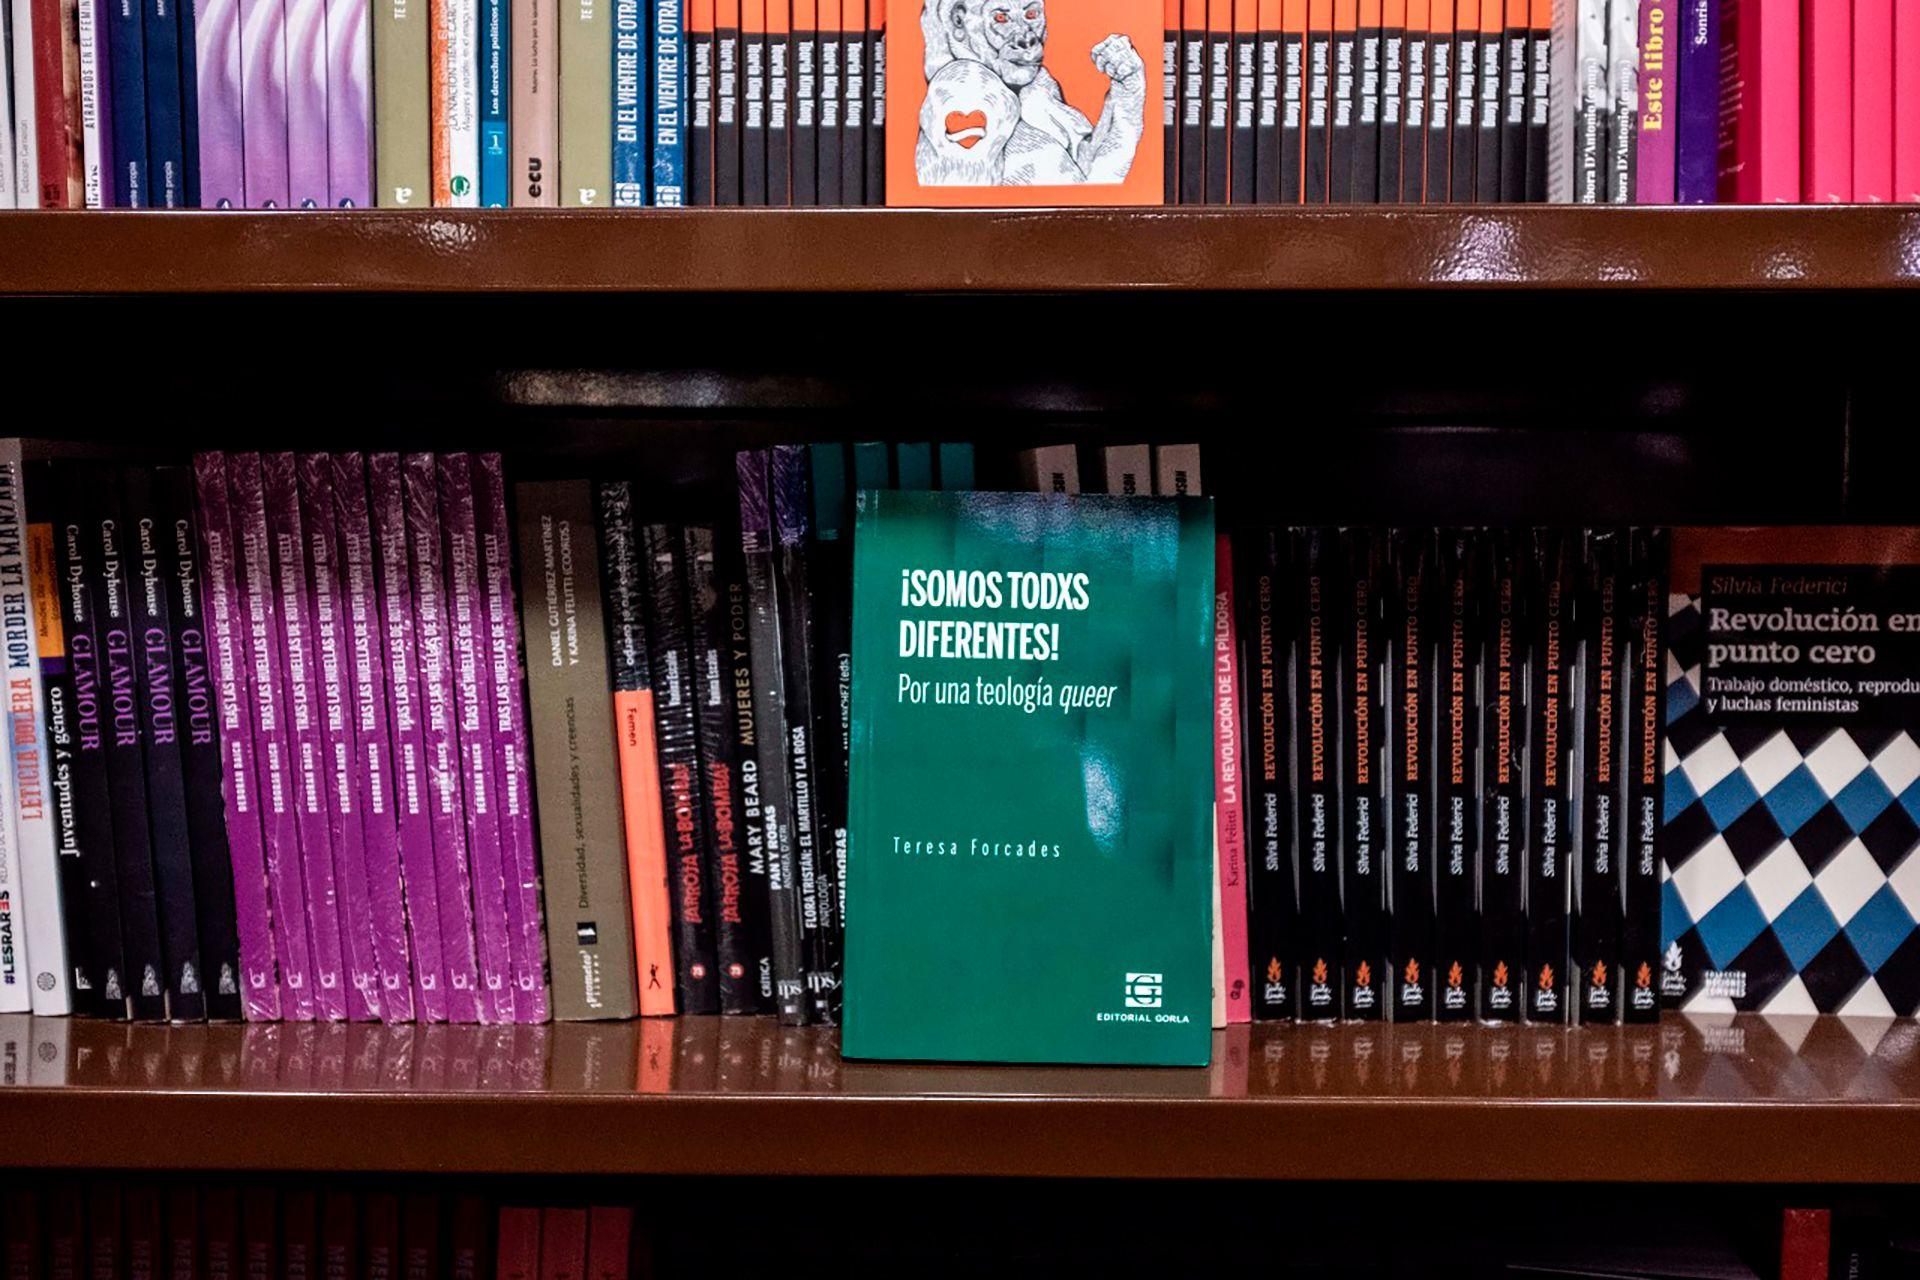 Un libro escrito en español de género neutro en la librería El Ateneo.